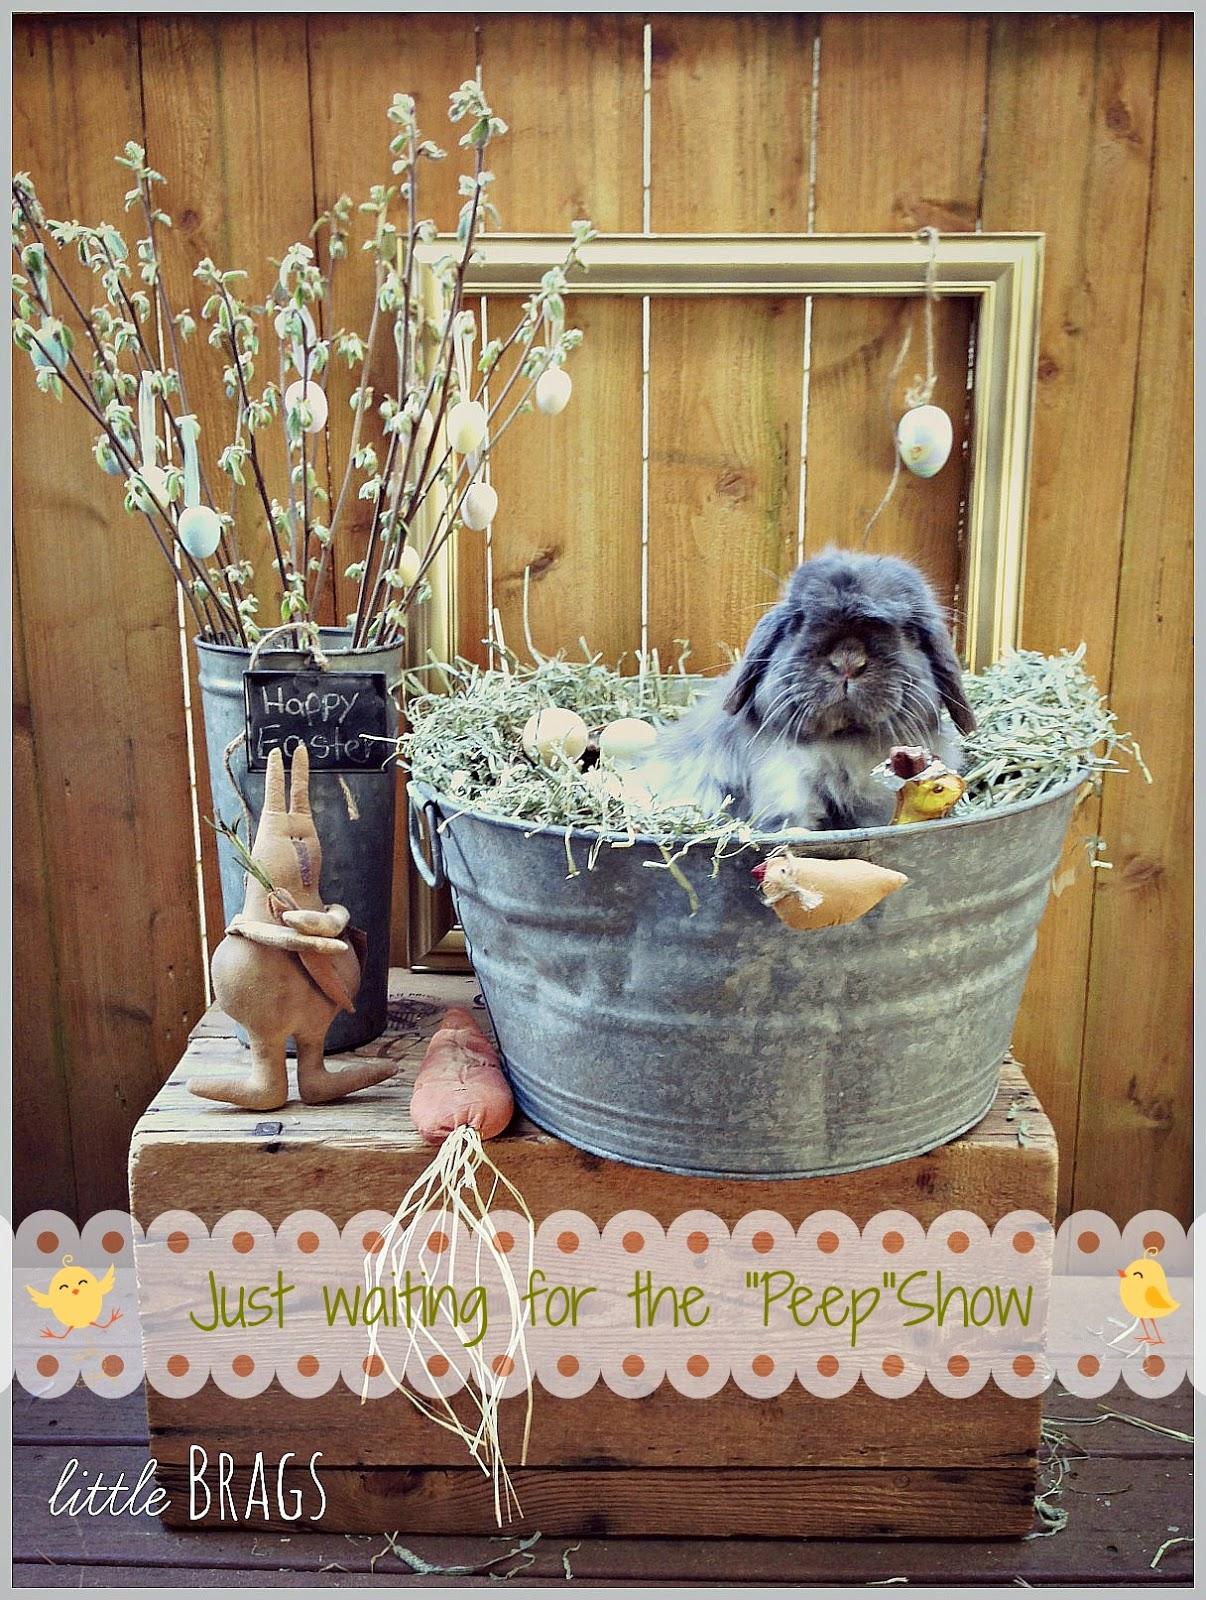 http://littlebrags.blogspot.com/2014/04/serious-cuteness-alert-real-easter-bunny.html